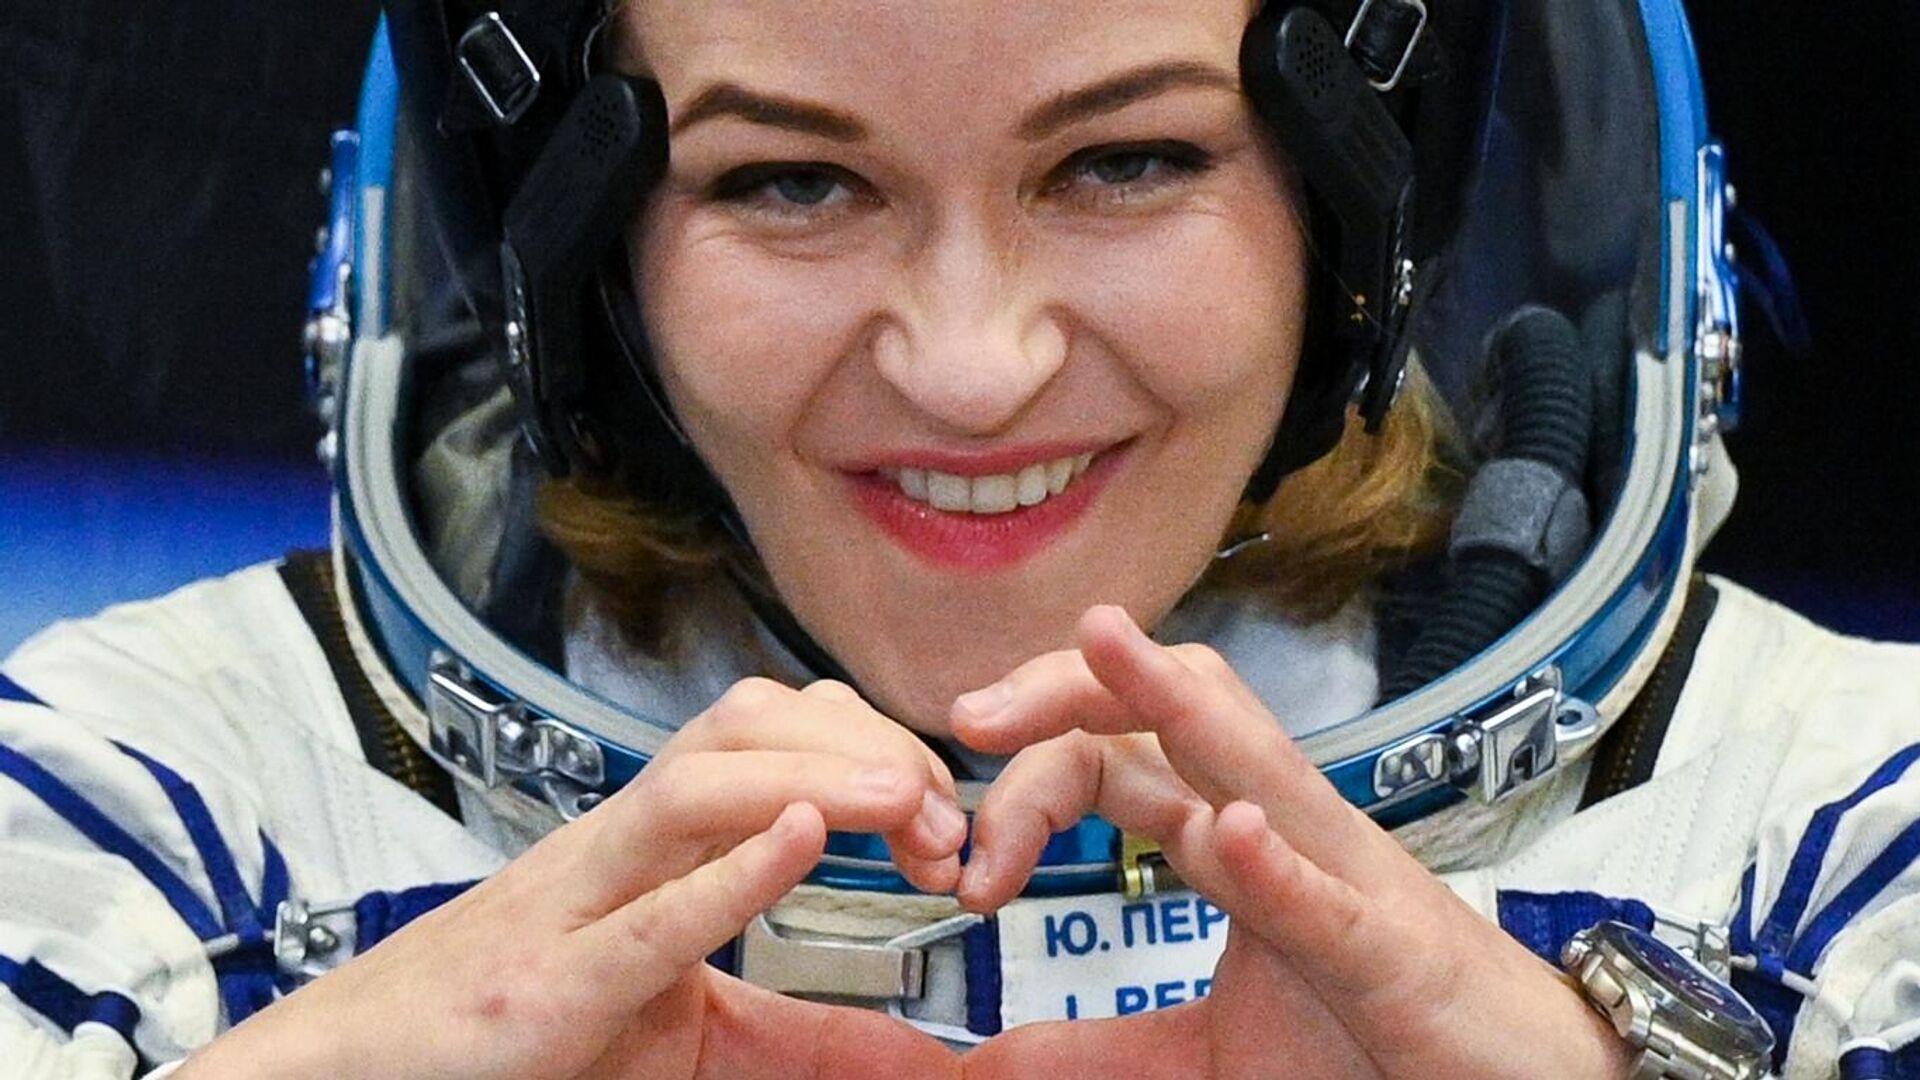 Член основного экипажа 66-й экспедиции на Международную космическую станцию актриса Юлия Пересильд  - Sputnik Беларусь, 1920, 05.10.2021